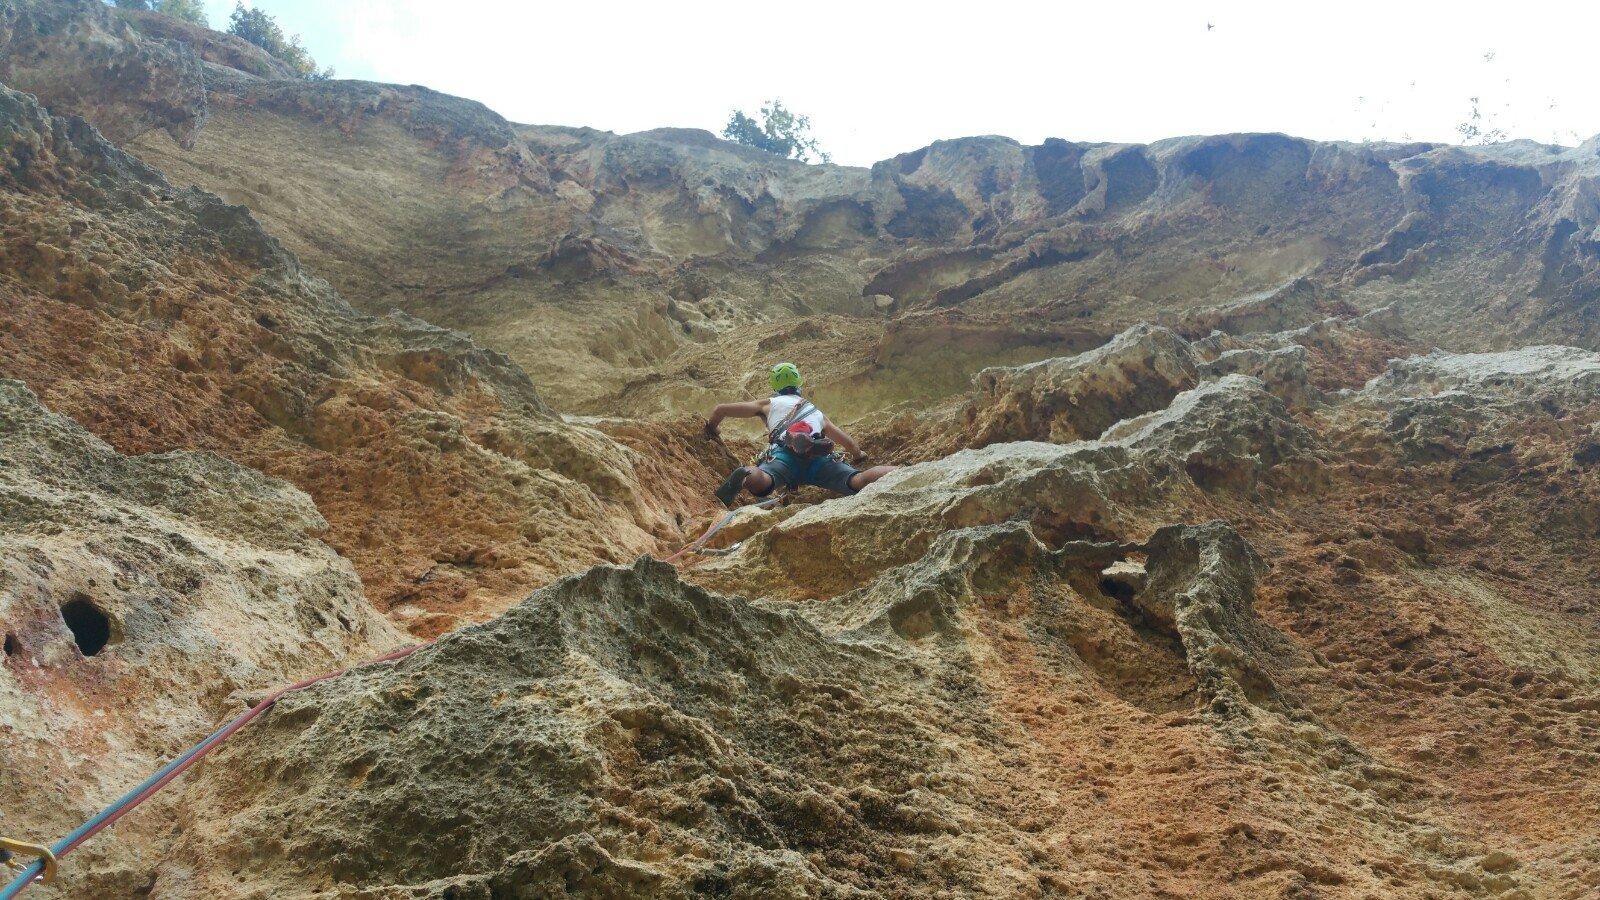 Faber su L5 nell'erosione